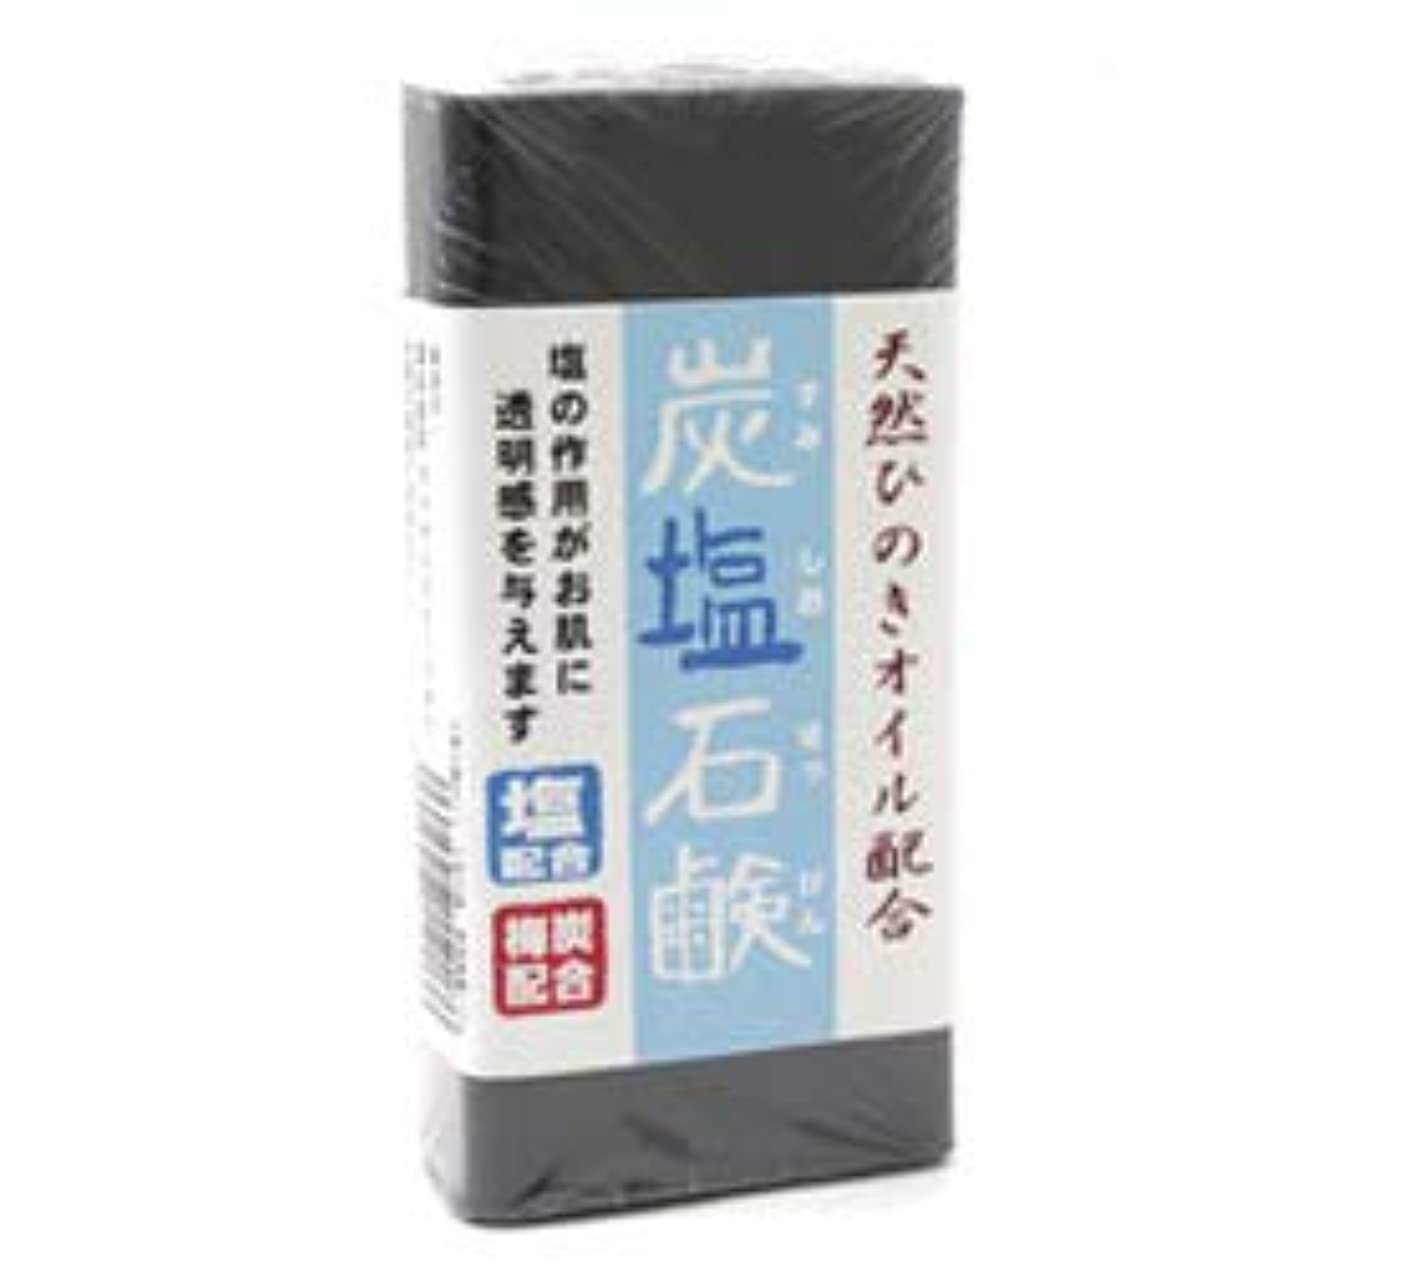 わざわざ無効急流炭塩石鹸 ロングサイズ 【 天然ひのきオイル配合】